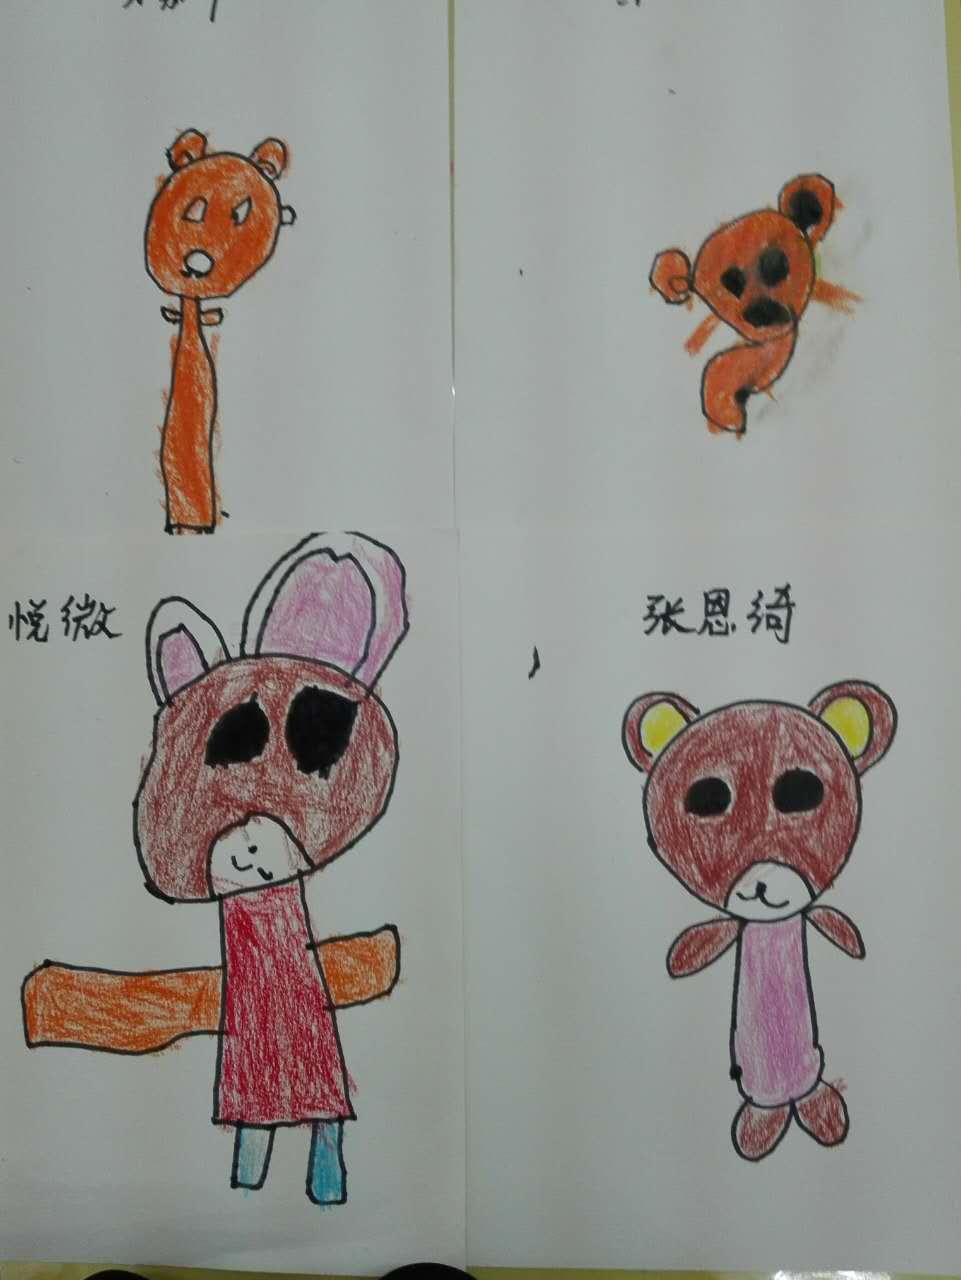 班级主页 景联小2班 活动掠影 宝宝涂鸦  绘画篇《可爱的小熊》